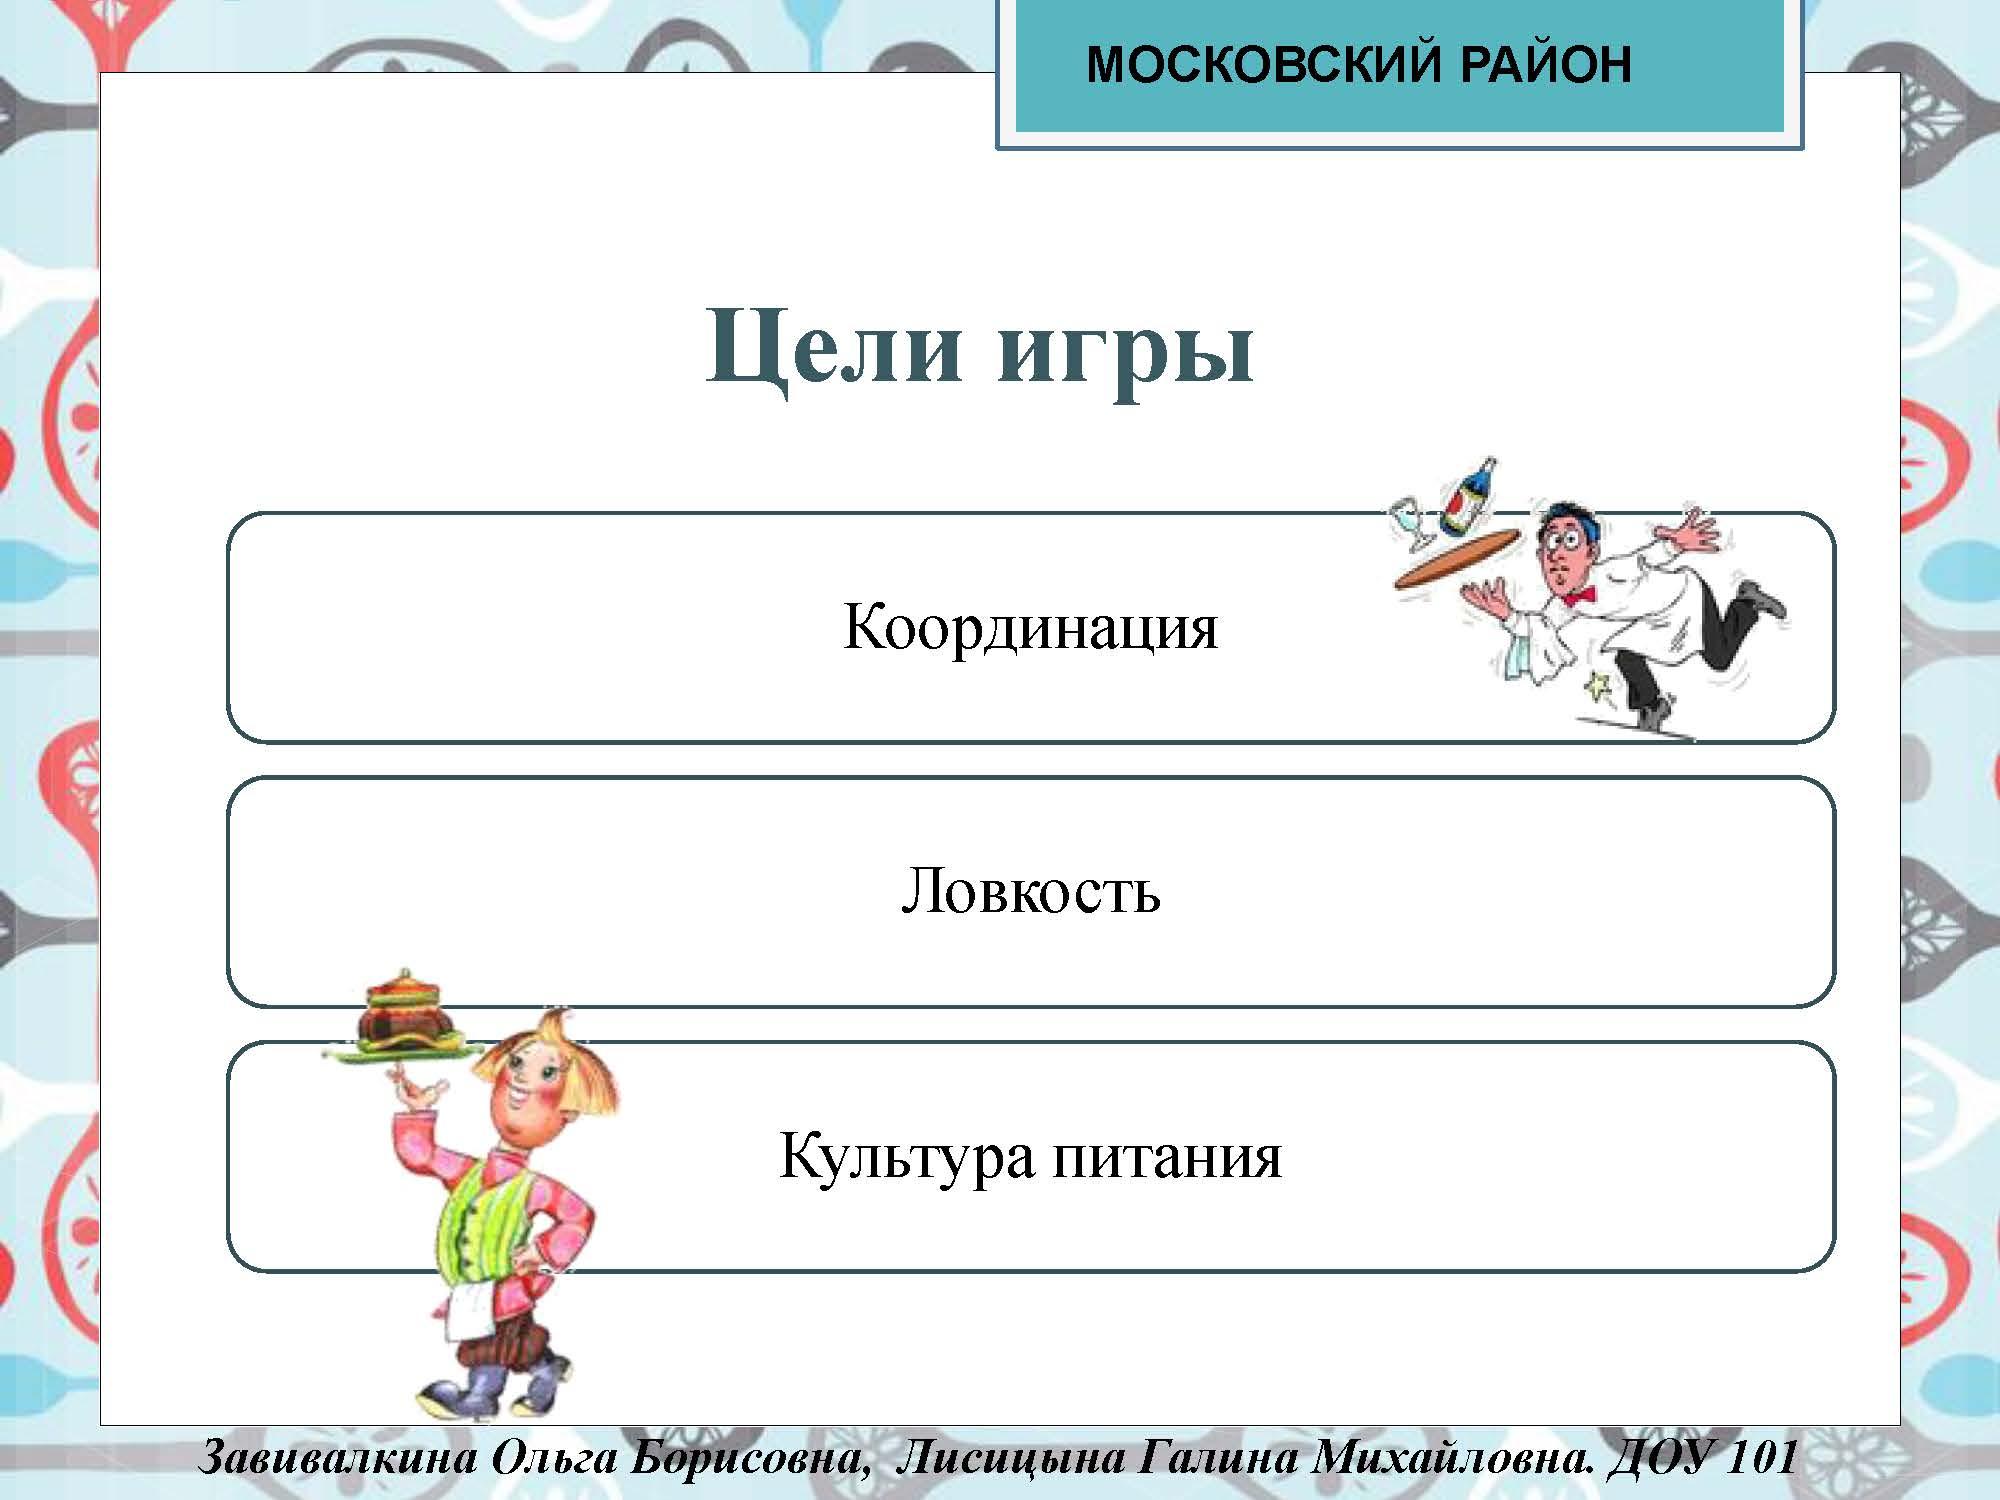 секция 8. ДОУ 101, эко. Московский район_Страница_20